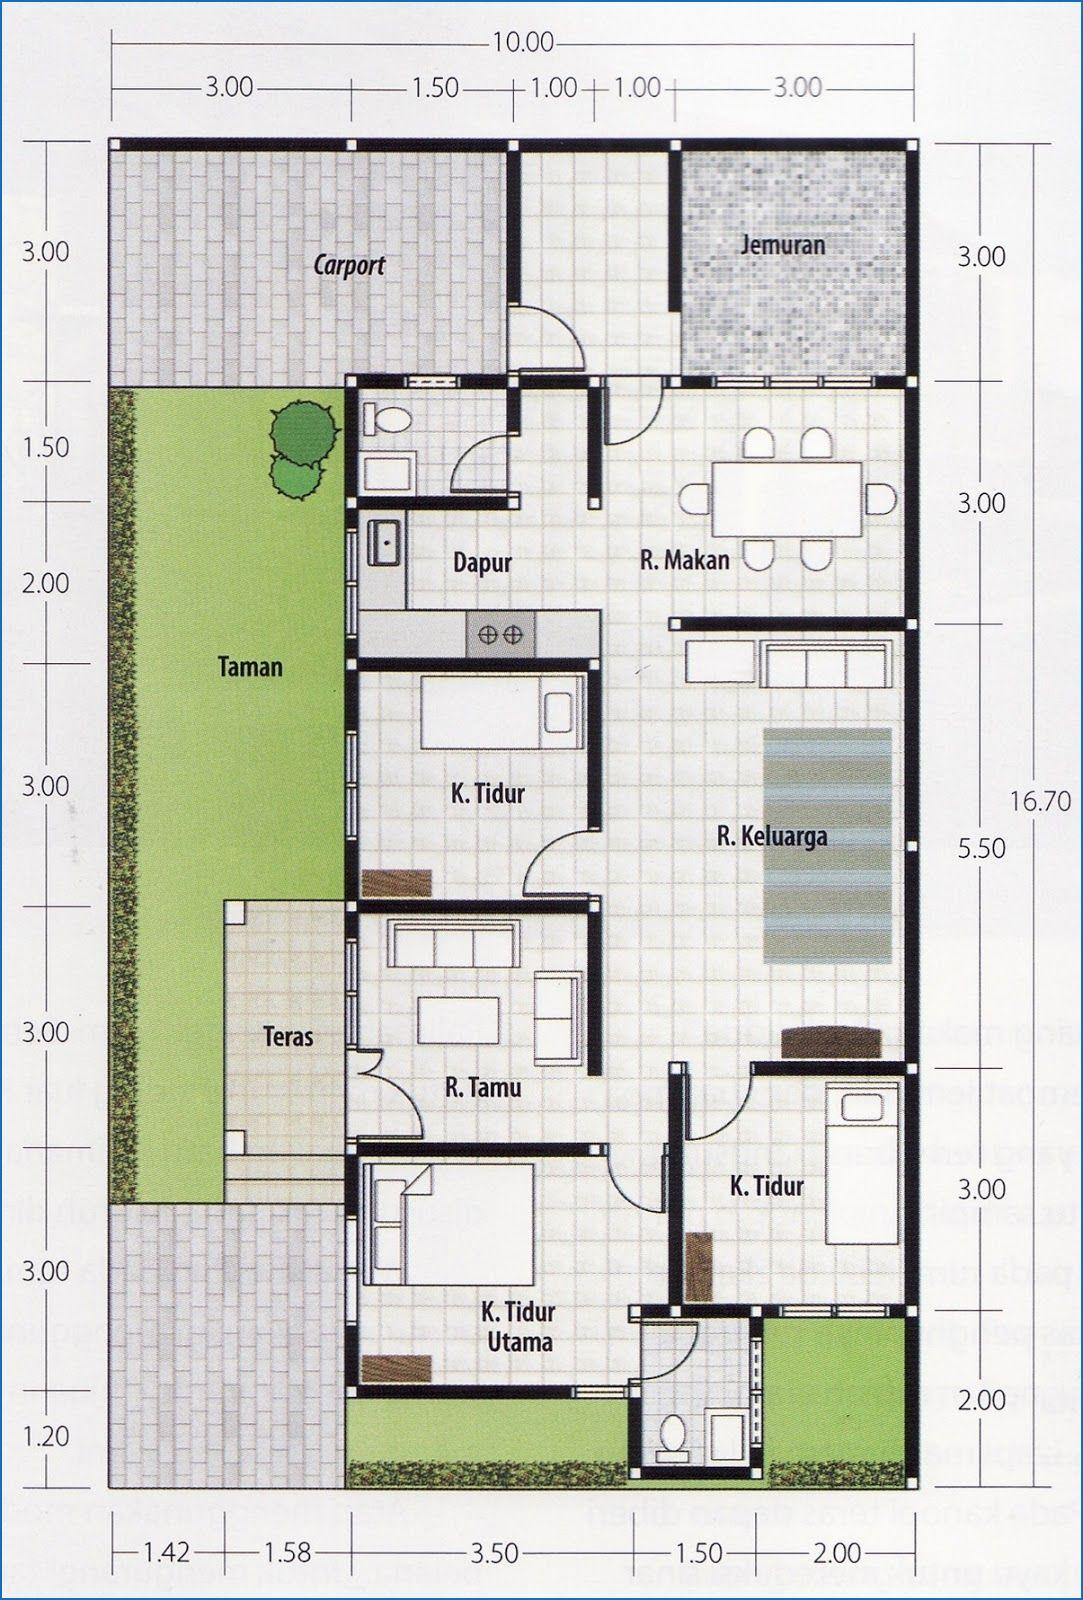 72 Ide Desain Denah Rumah Minimalis Modern 1 Lantai 3 Kamar Terbaik Masa Kini